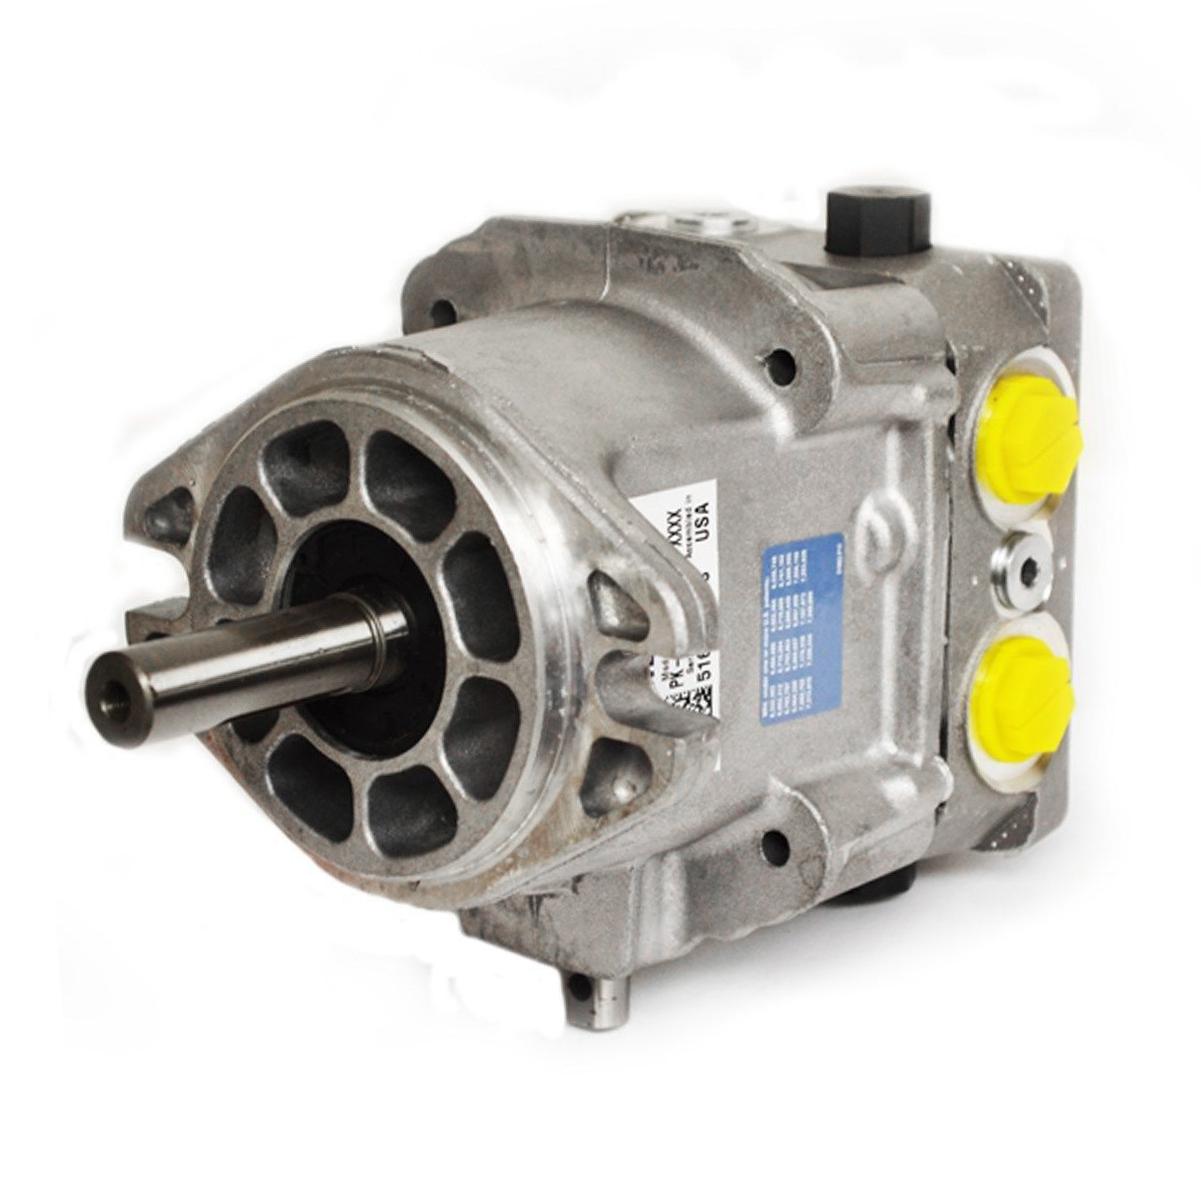 Hydro-Gear Pump PK-BGAB-EY1X-XXXX / Exmark Lawn Mowers / OEM 116-2444, 103-7262, PJ-BGAB-EY1X ...